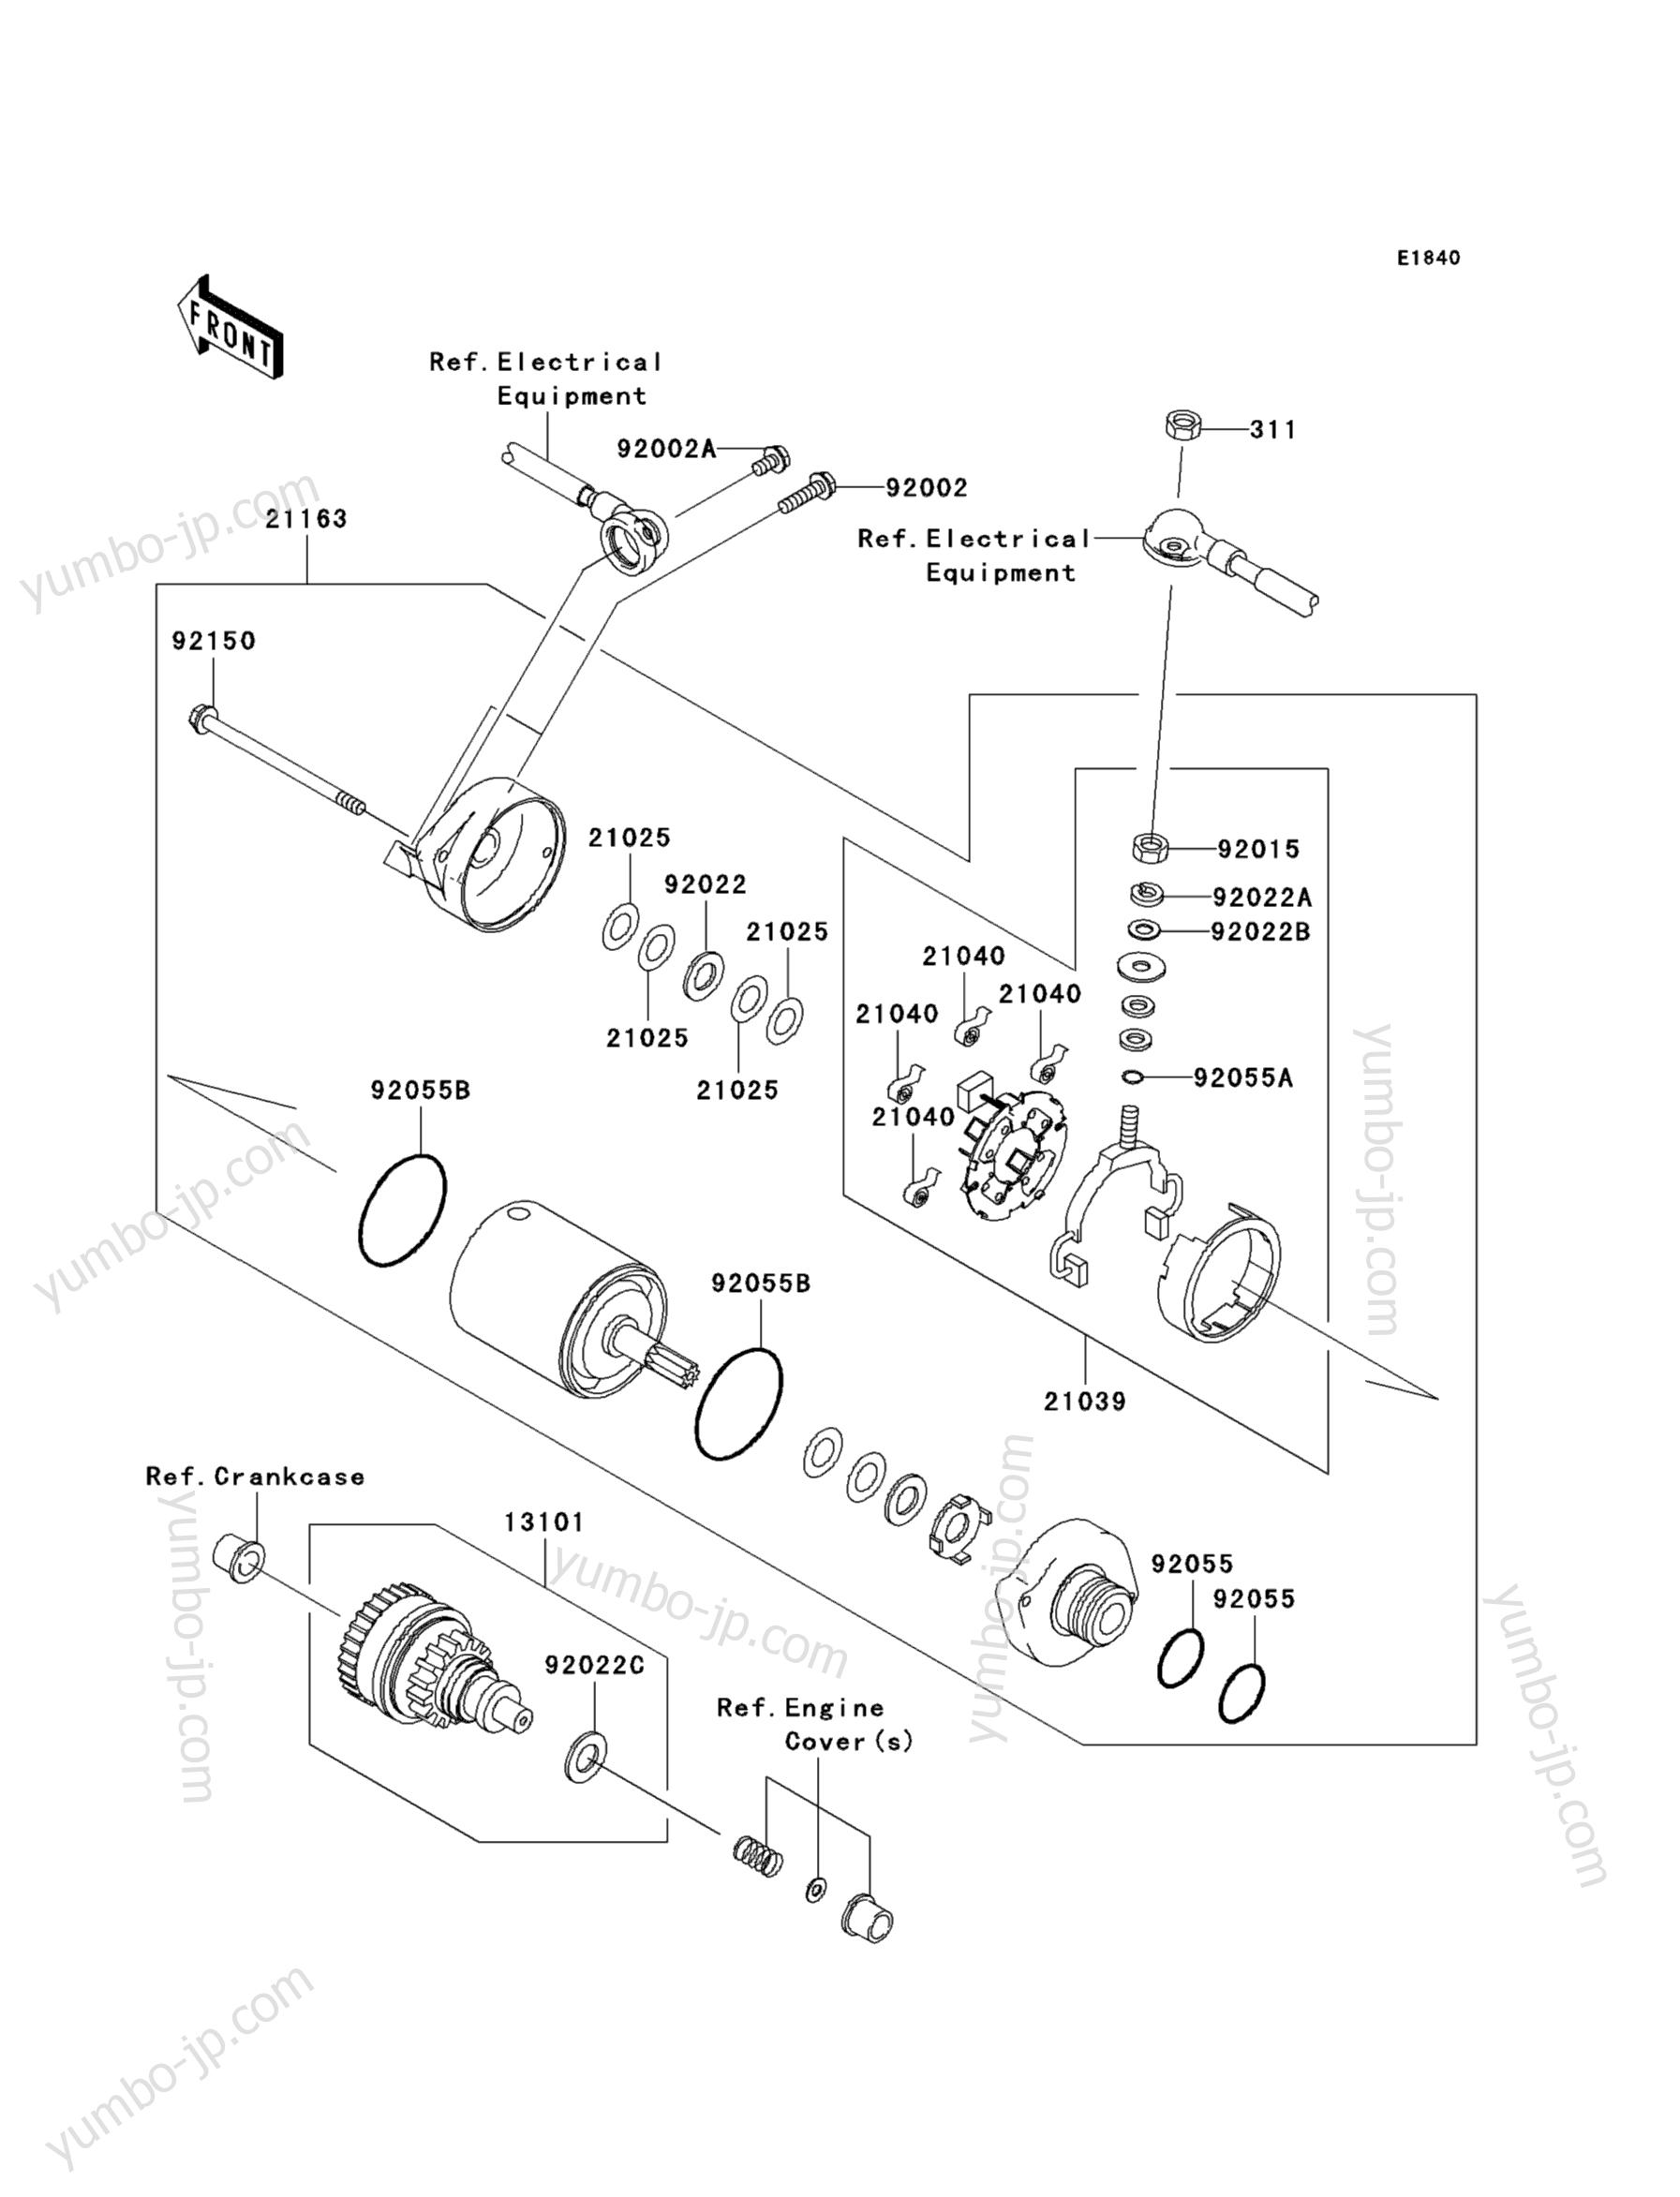 Стартер для гидроциклов KAWASAKI JET SKI ULTRA 260LX (JT1500FAF) 2010 г.